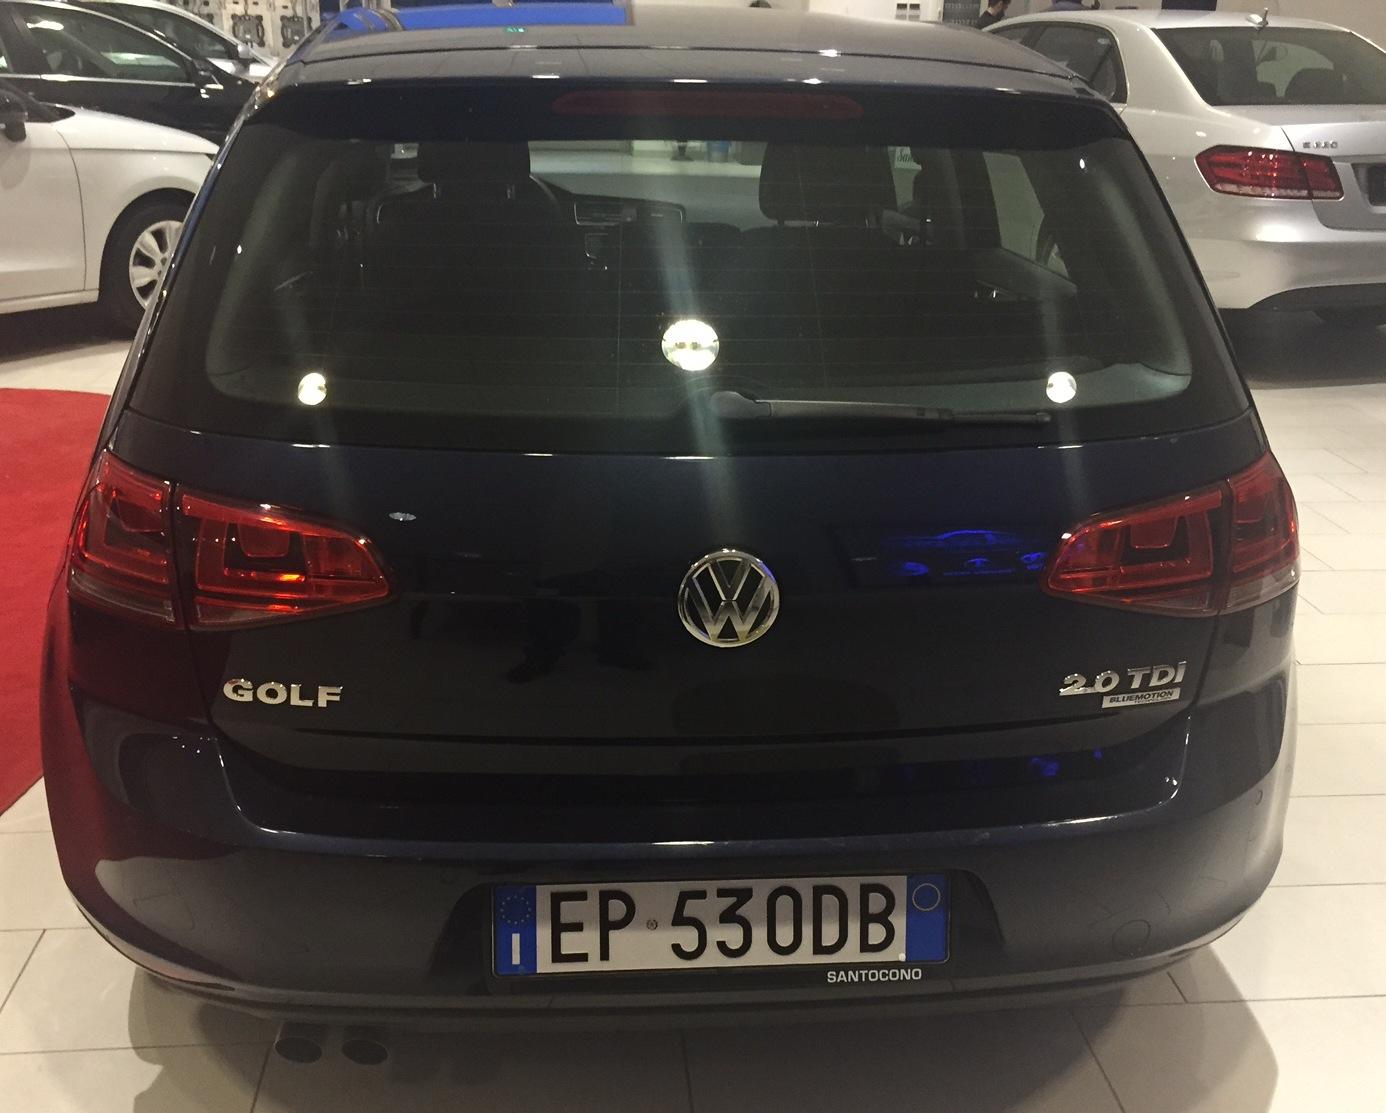 https://www.ragusanews.com//immagini_articoli/25-02-2015/1424857539-3-una-golf-7-turbo-diesel-da-santocono-auto.jpg